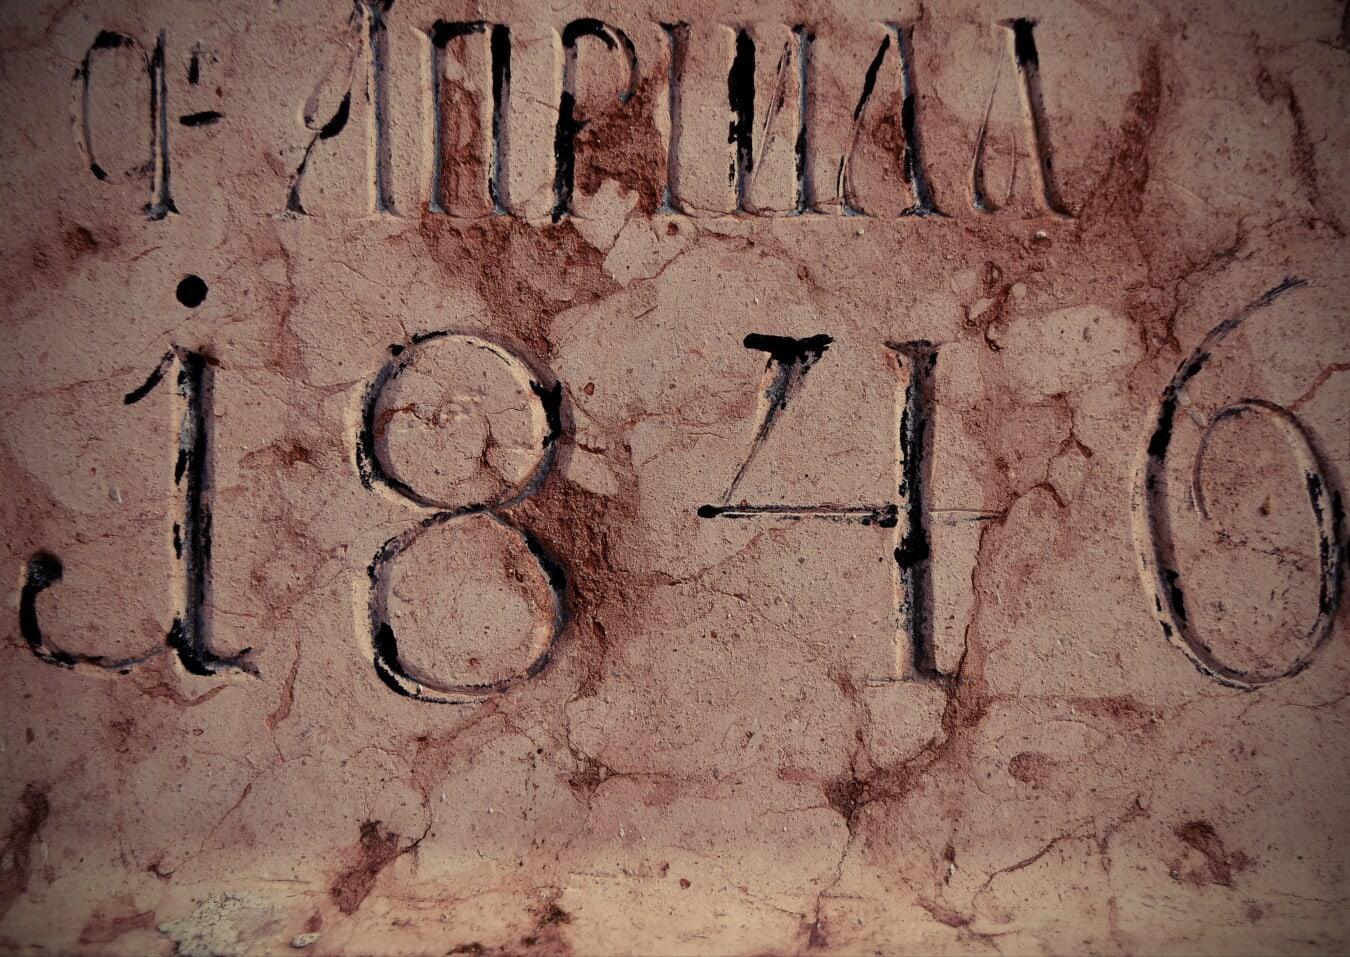 Verfall, Kyrillisch, Text, Alphabet, Typografie, Wand, Dekoration, Textur, Grunge, Antike